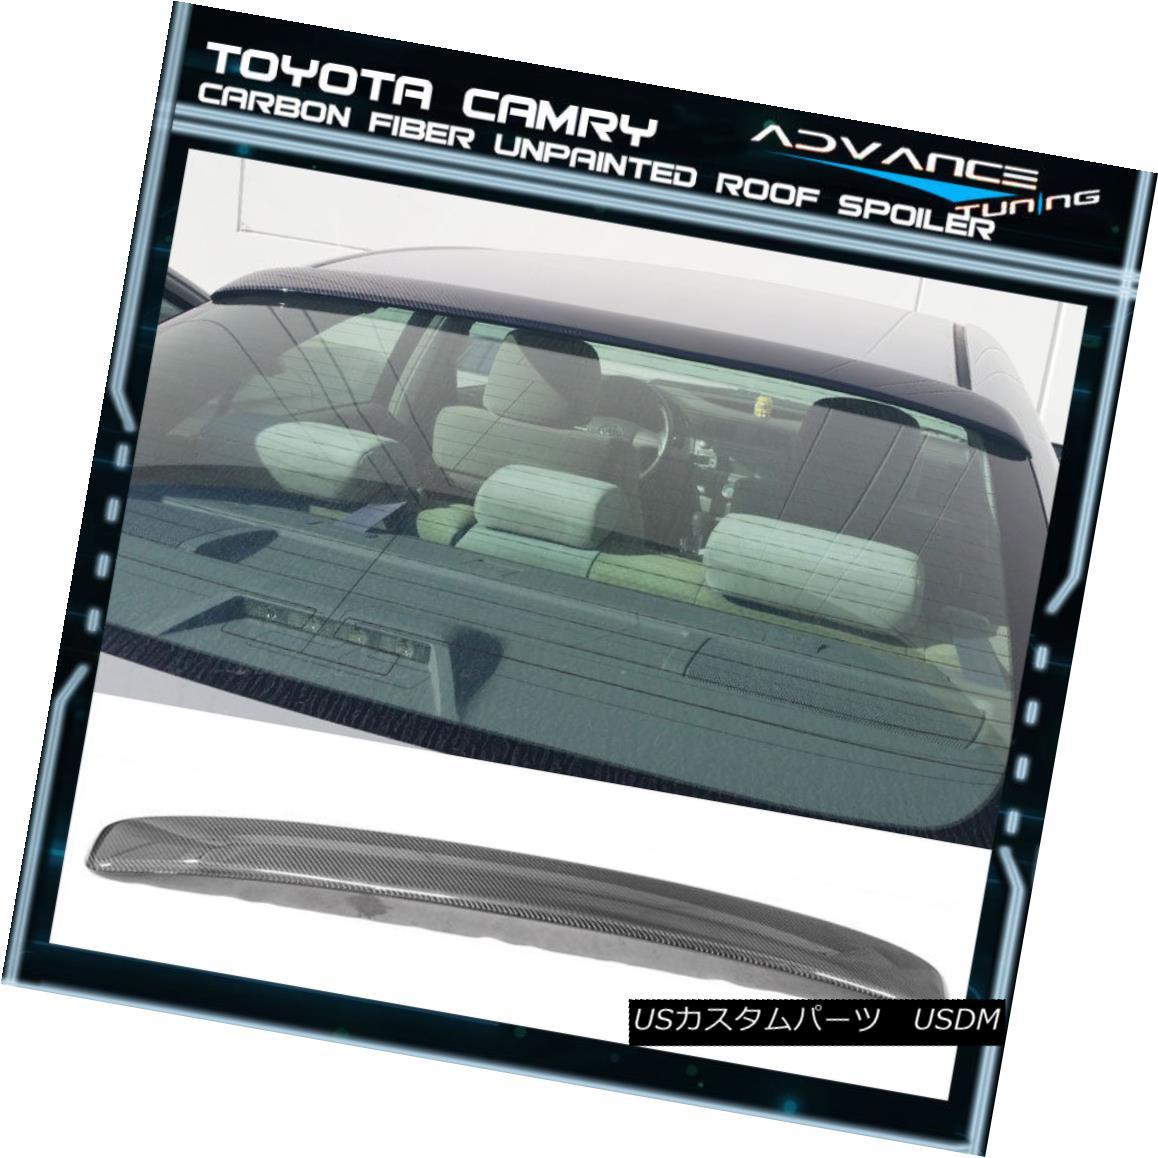 エアロパーツ 07-11 Toyota Camry OE Style Carbon Fiber CF Rear Window Roof Spoiler Wing 07-11トヨタカムリOEスタイル炭素繊維CFリアウィンドウルーフスポイラーウイング